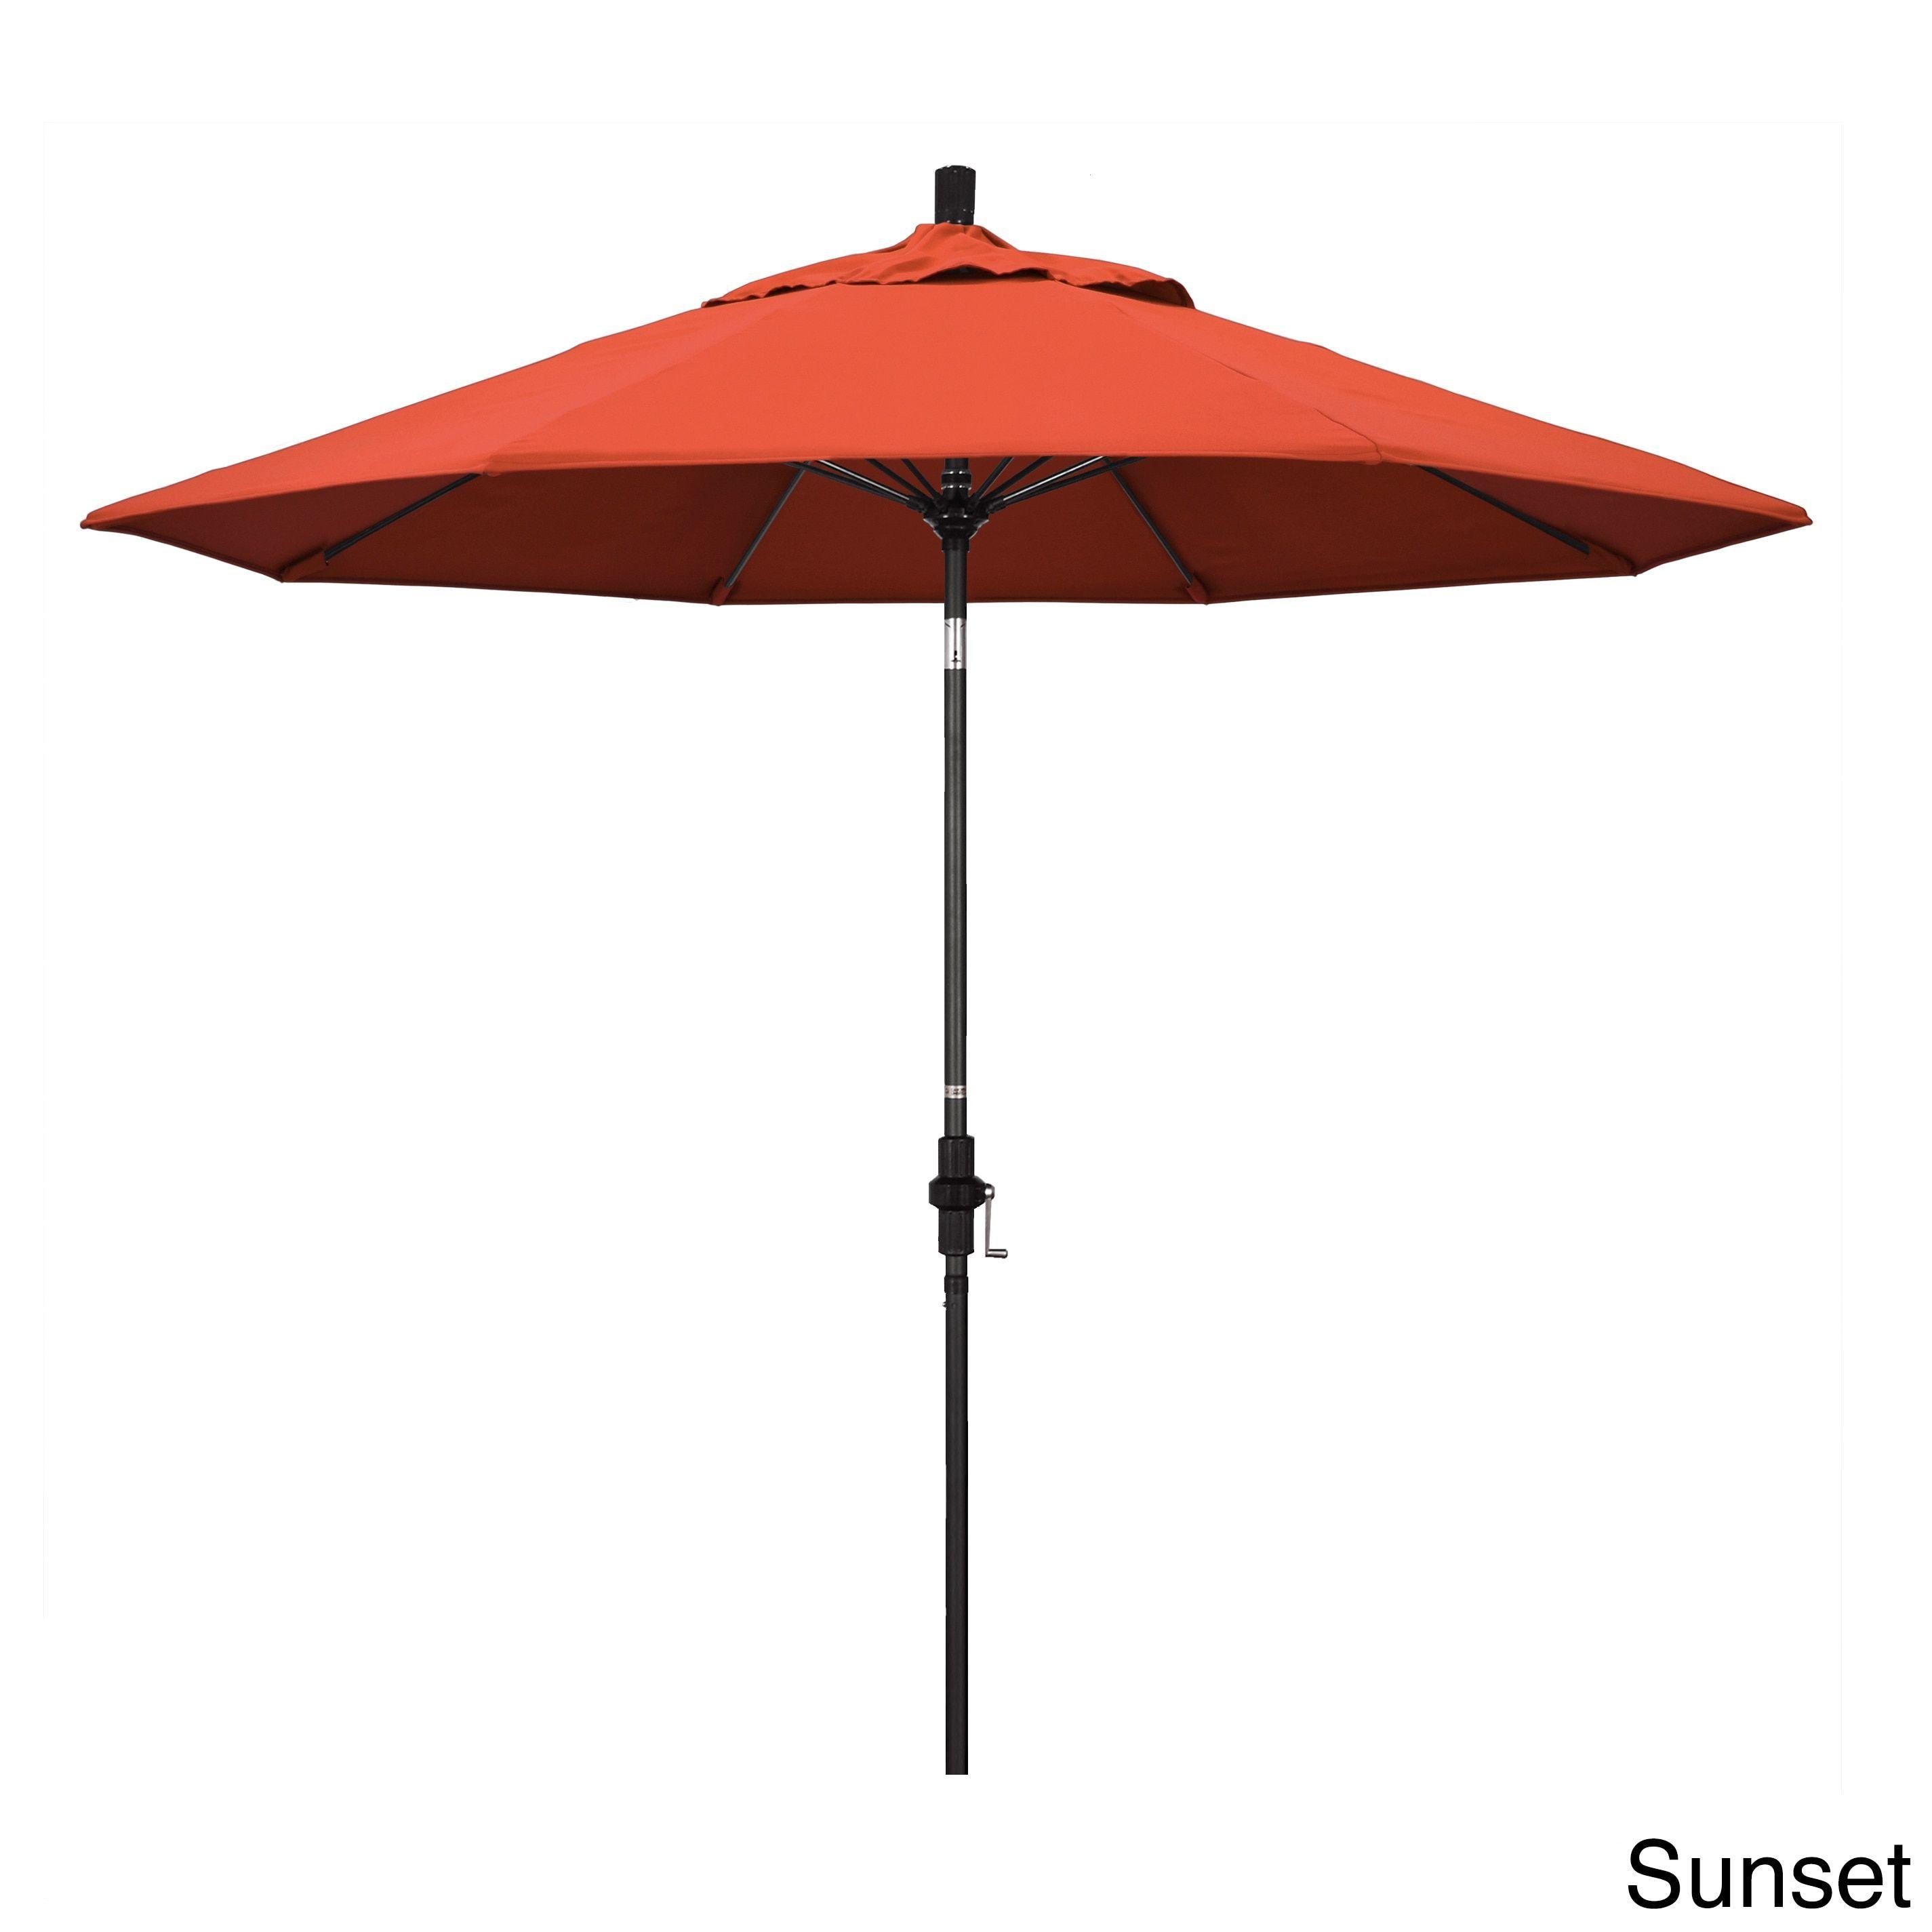 California Umbrella 9' Rd. /Fiberglass Rib Market Umb, Deluxe Crank Lift/Collar Tilt, Finish, Olefin Fabric